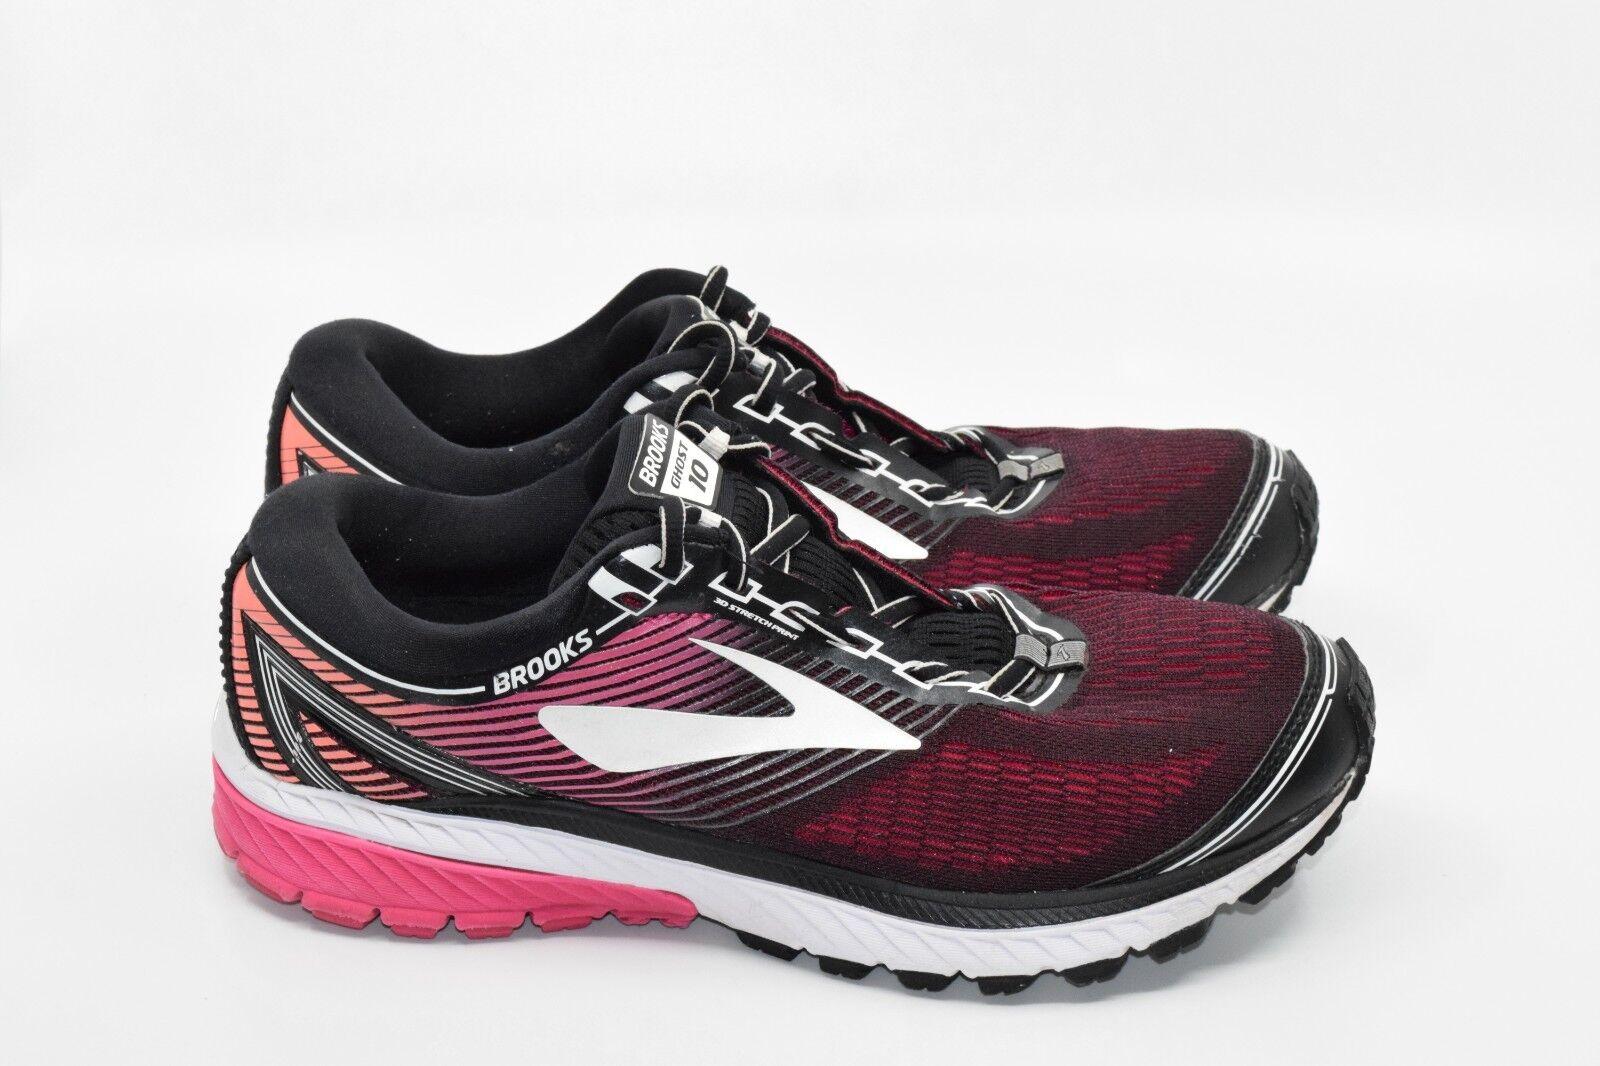 Brooks Damenschuhe Größe Ghost 10 Running Schuhes Größe Damenschuhe 11 a83987